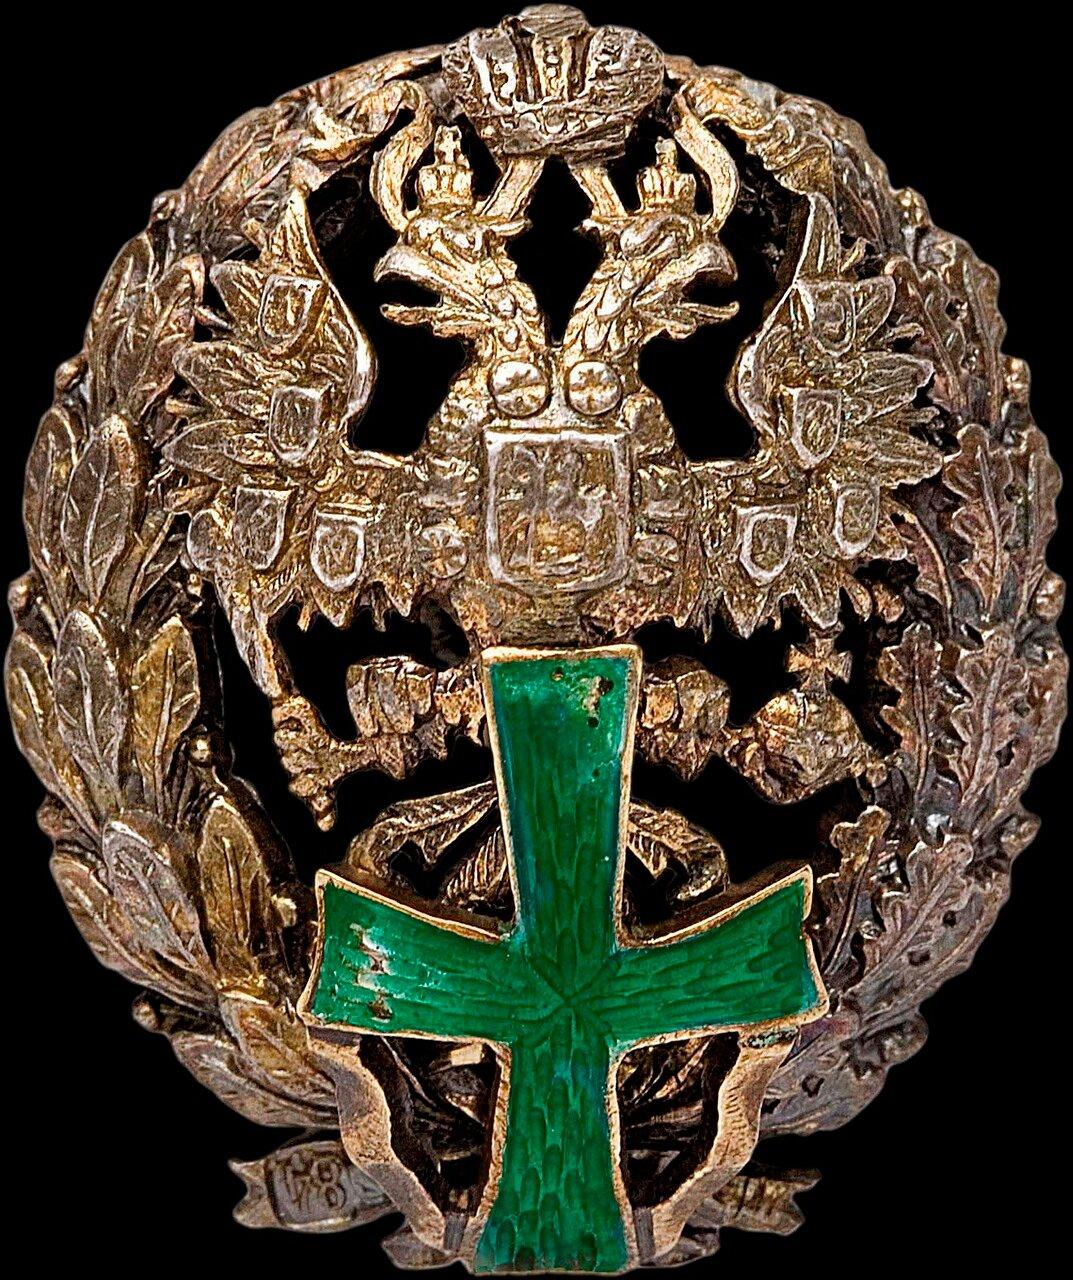 Знак об окончании Политехнических институтов - Варшавского Николая II - Санкт-Петербургского - Киевского Александра III